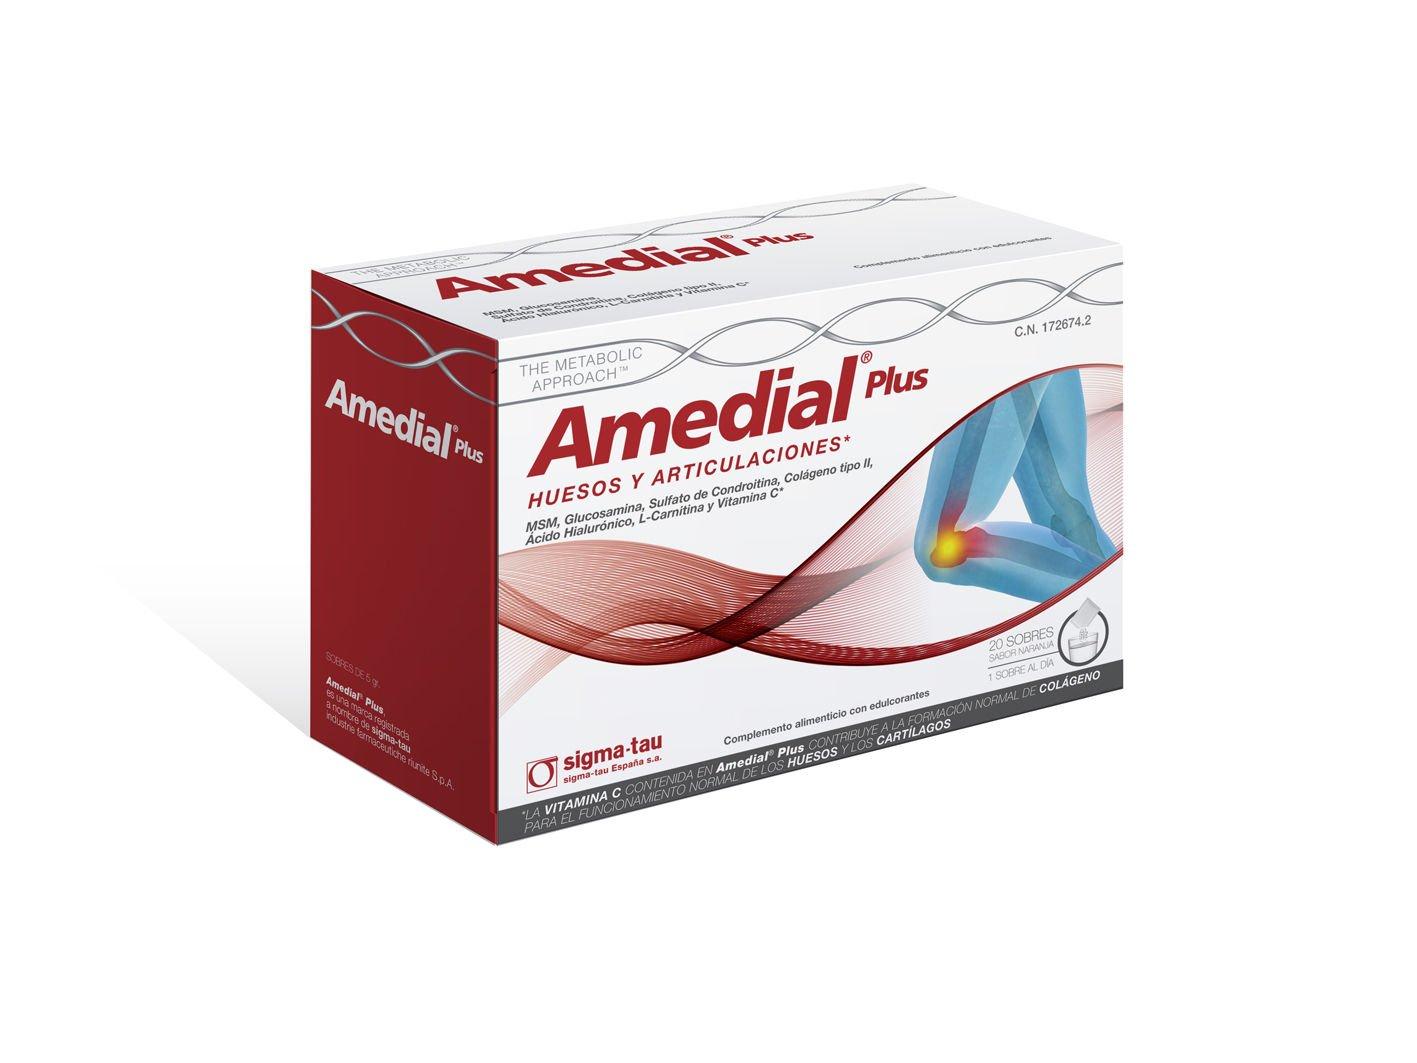 Amazon.com: Amedial Plus 40 Sobres Glucosamina, Condroitin, Hialuronico, Colageno Tipo Ii: Baby